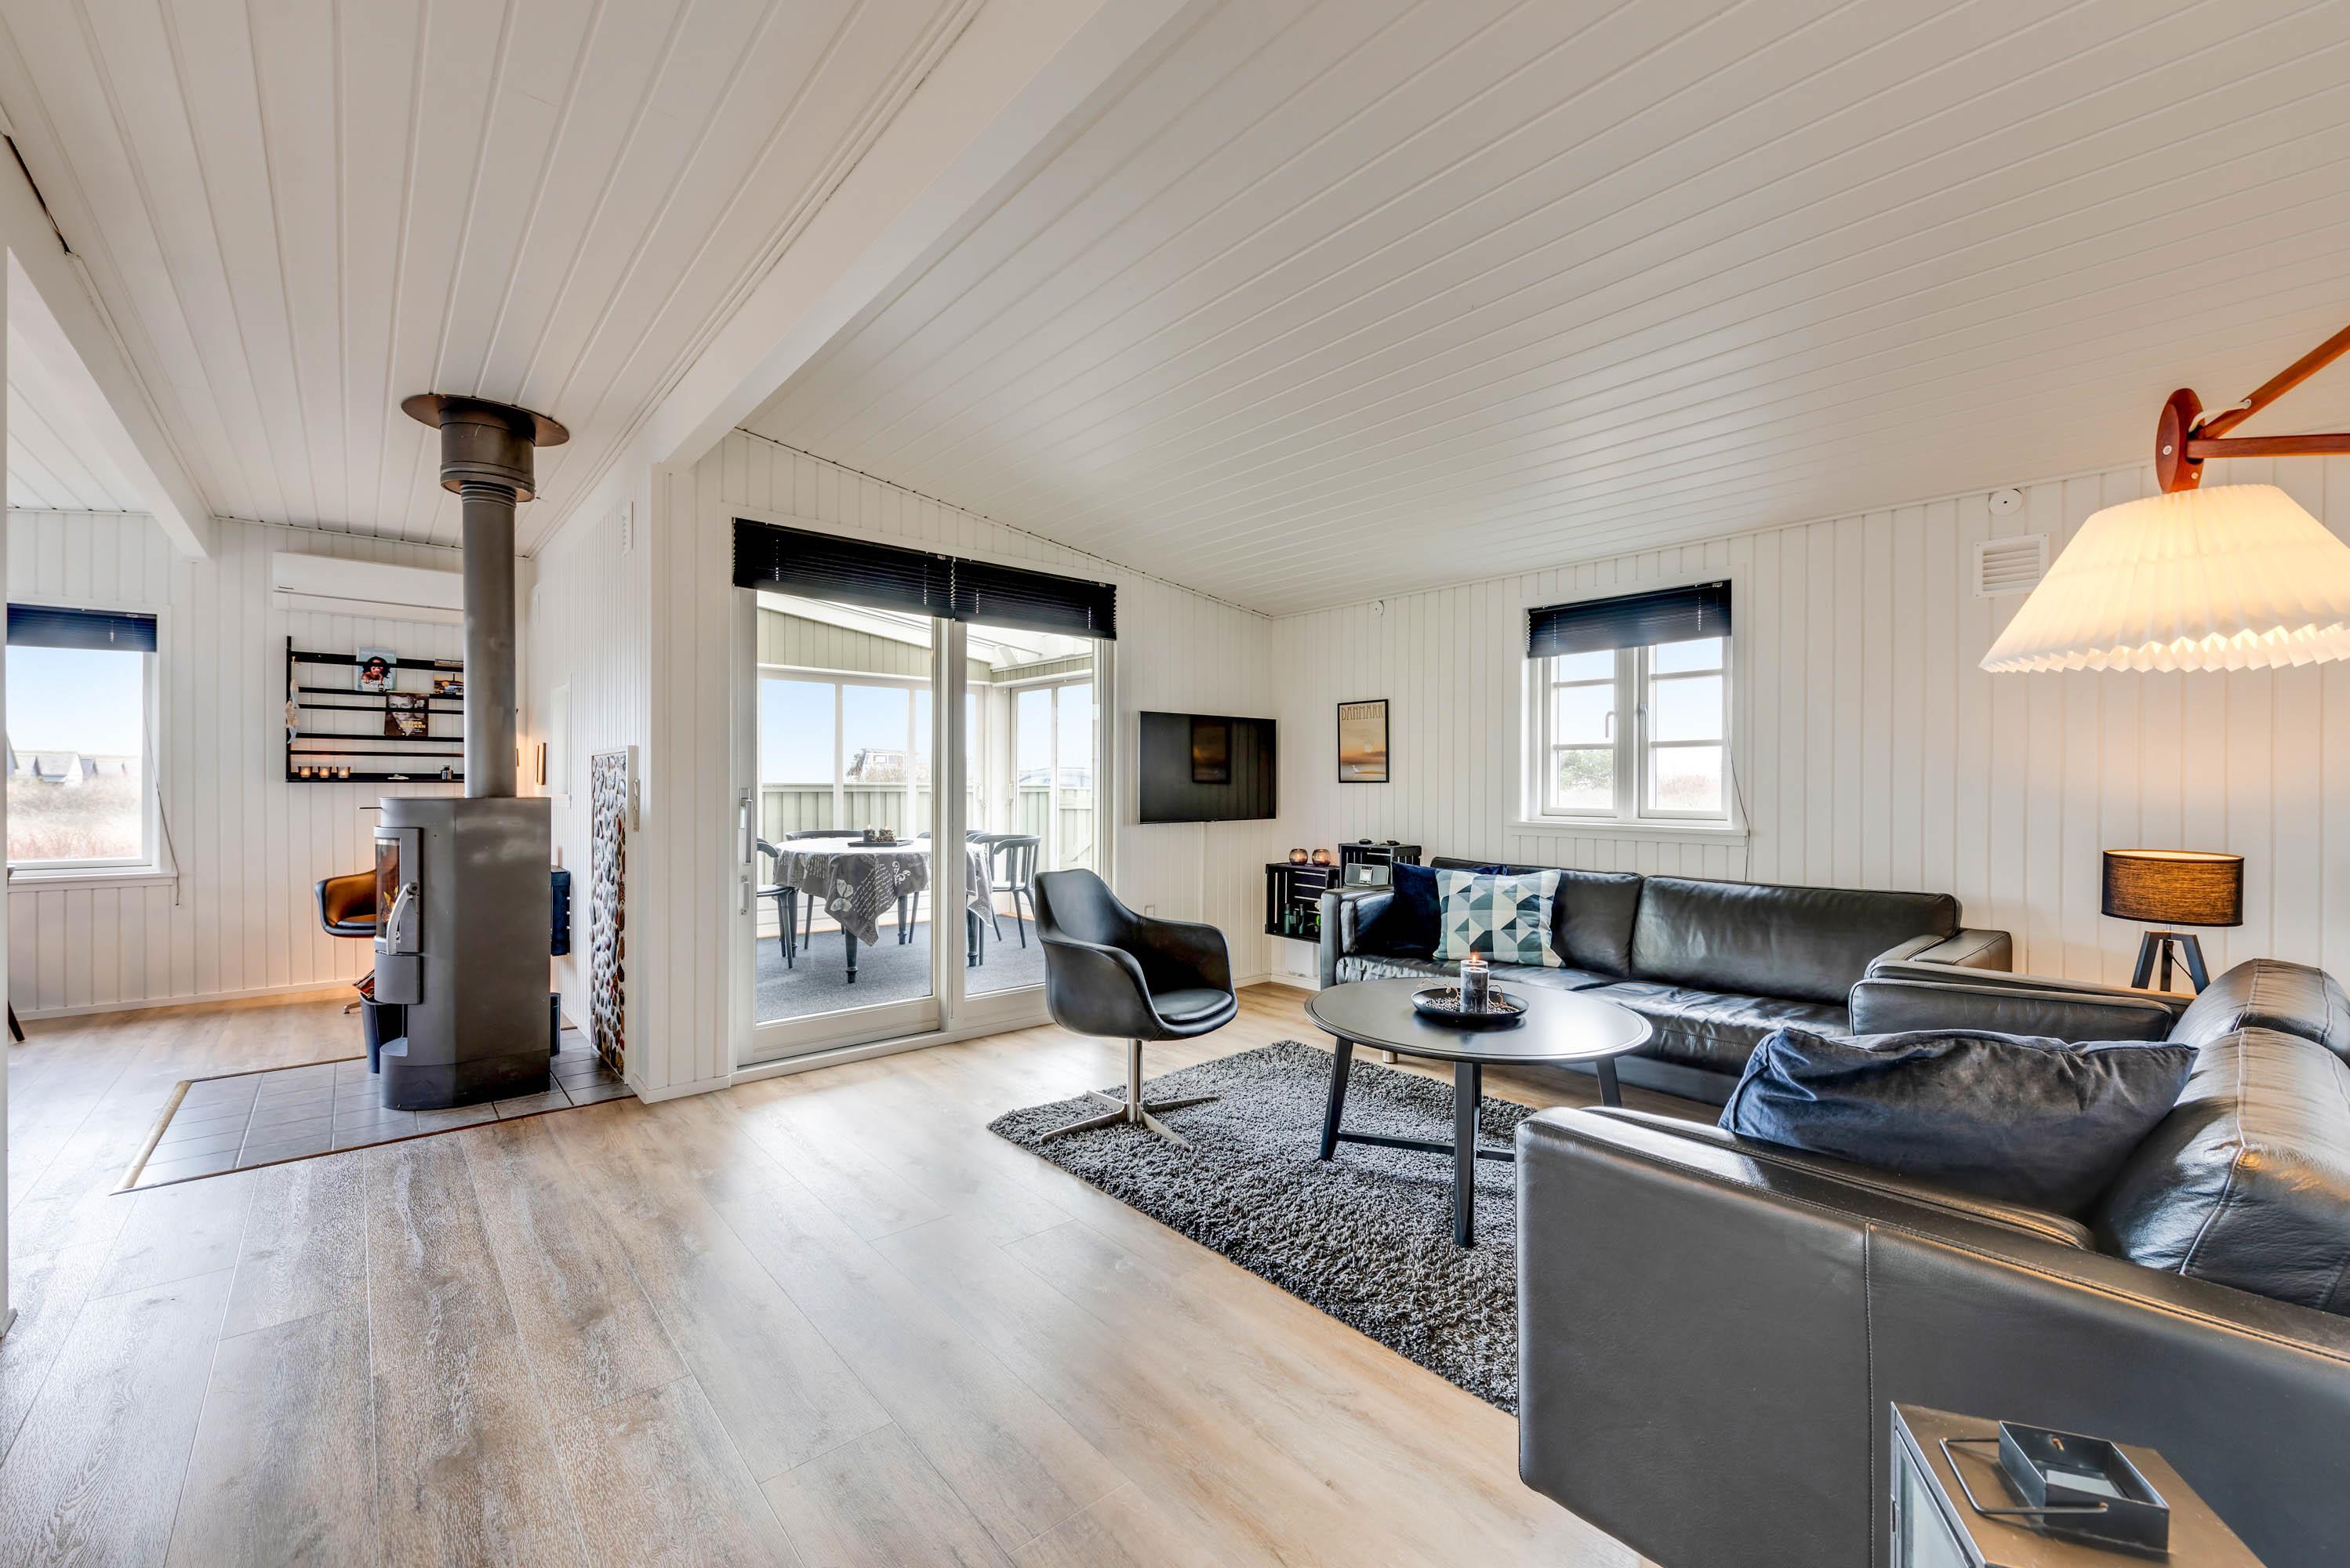 Renoviertes Ferienhaus mit Blick auf Lyngvig Havn, Hund erlaubt (Bild 6)